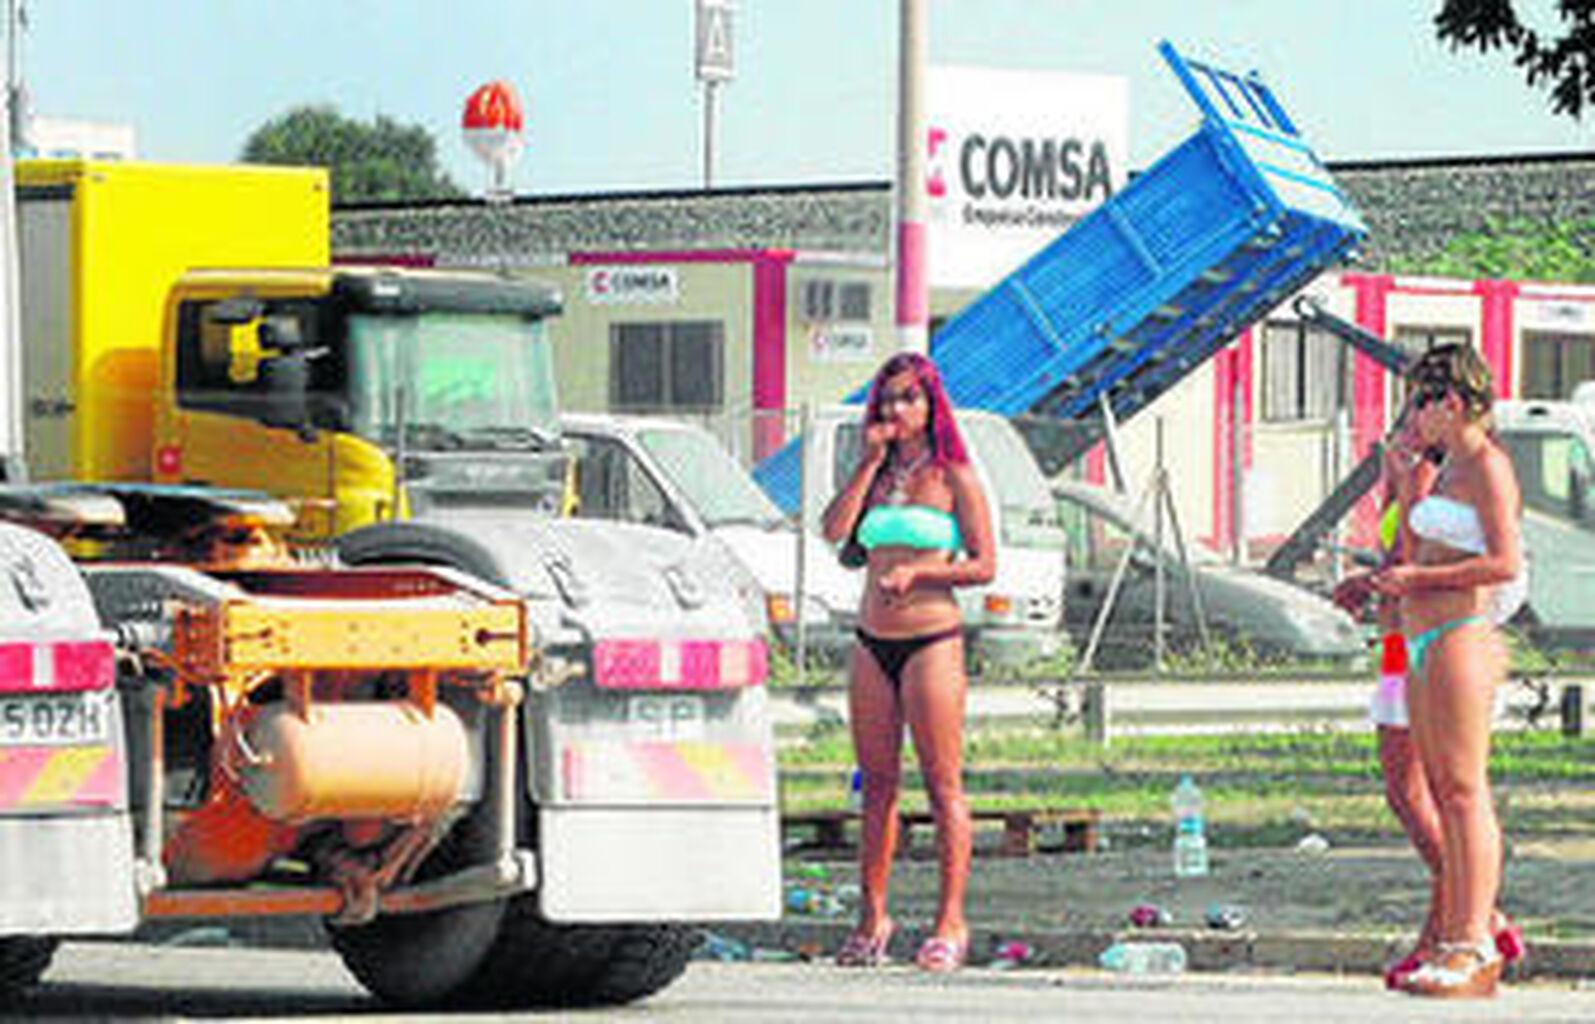 poligono guadalhorce prostitutas como encontrar prostitutas